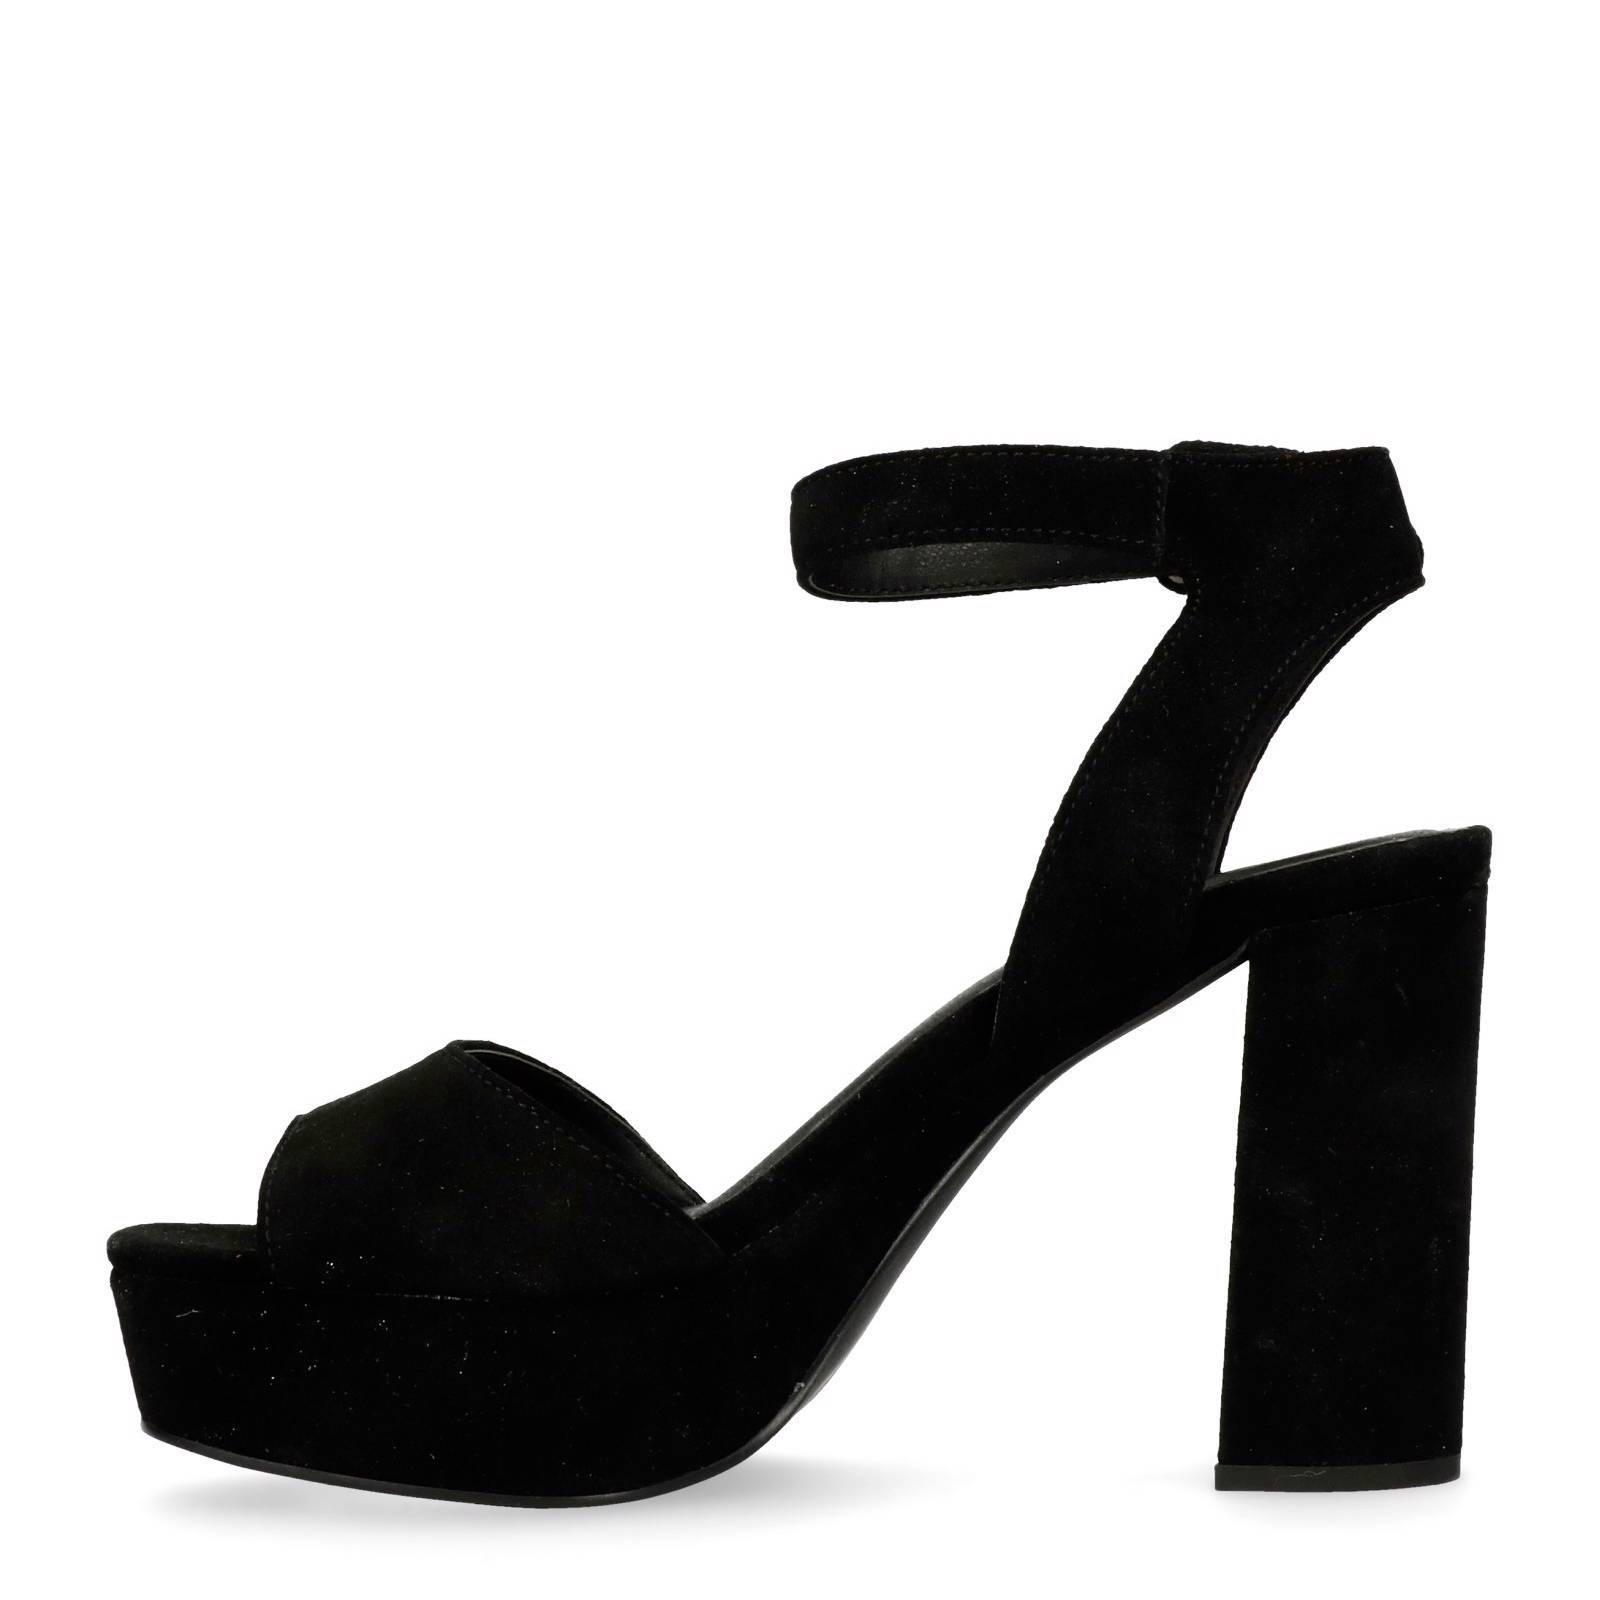 Sacha Chaussures Noires À Talon Bloc Avec Boucle Pour Dames Vr98Z2Ne